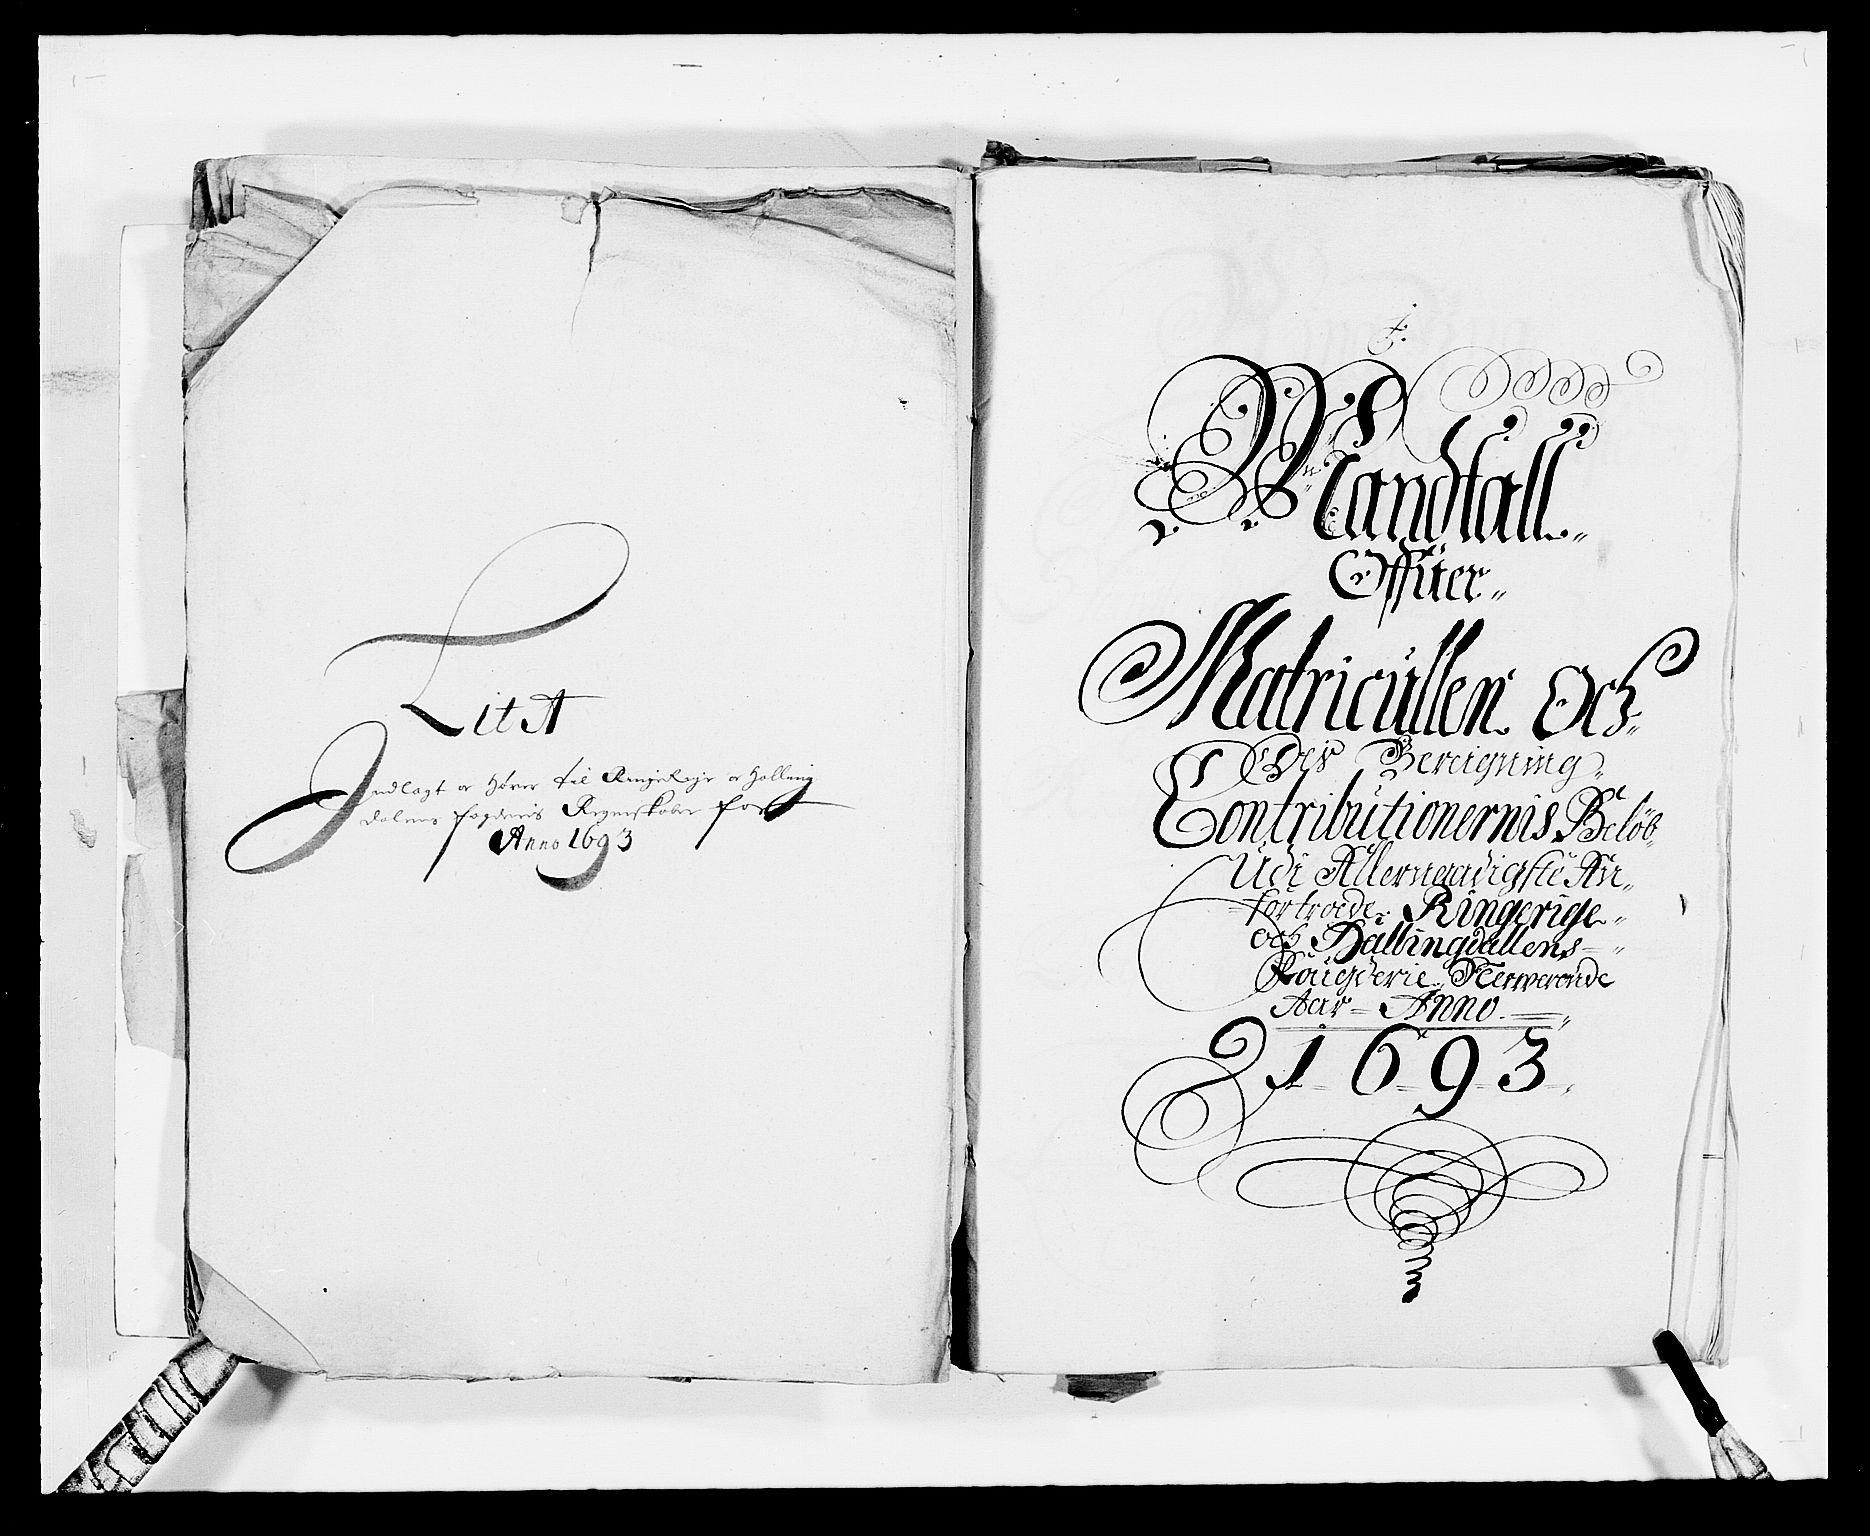 RA, Rentekammeret inntil 1814, Reviderte regnskaper, Fogderegnskap, R21/L1450: Fogderegnskap Ringerike og Hallingdal, 1693, s. 12